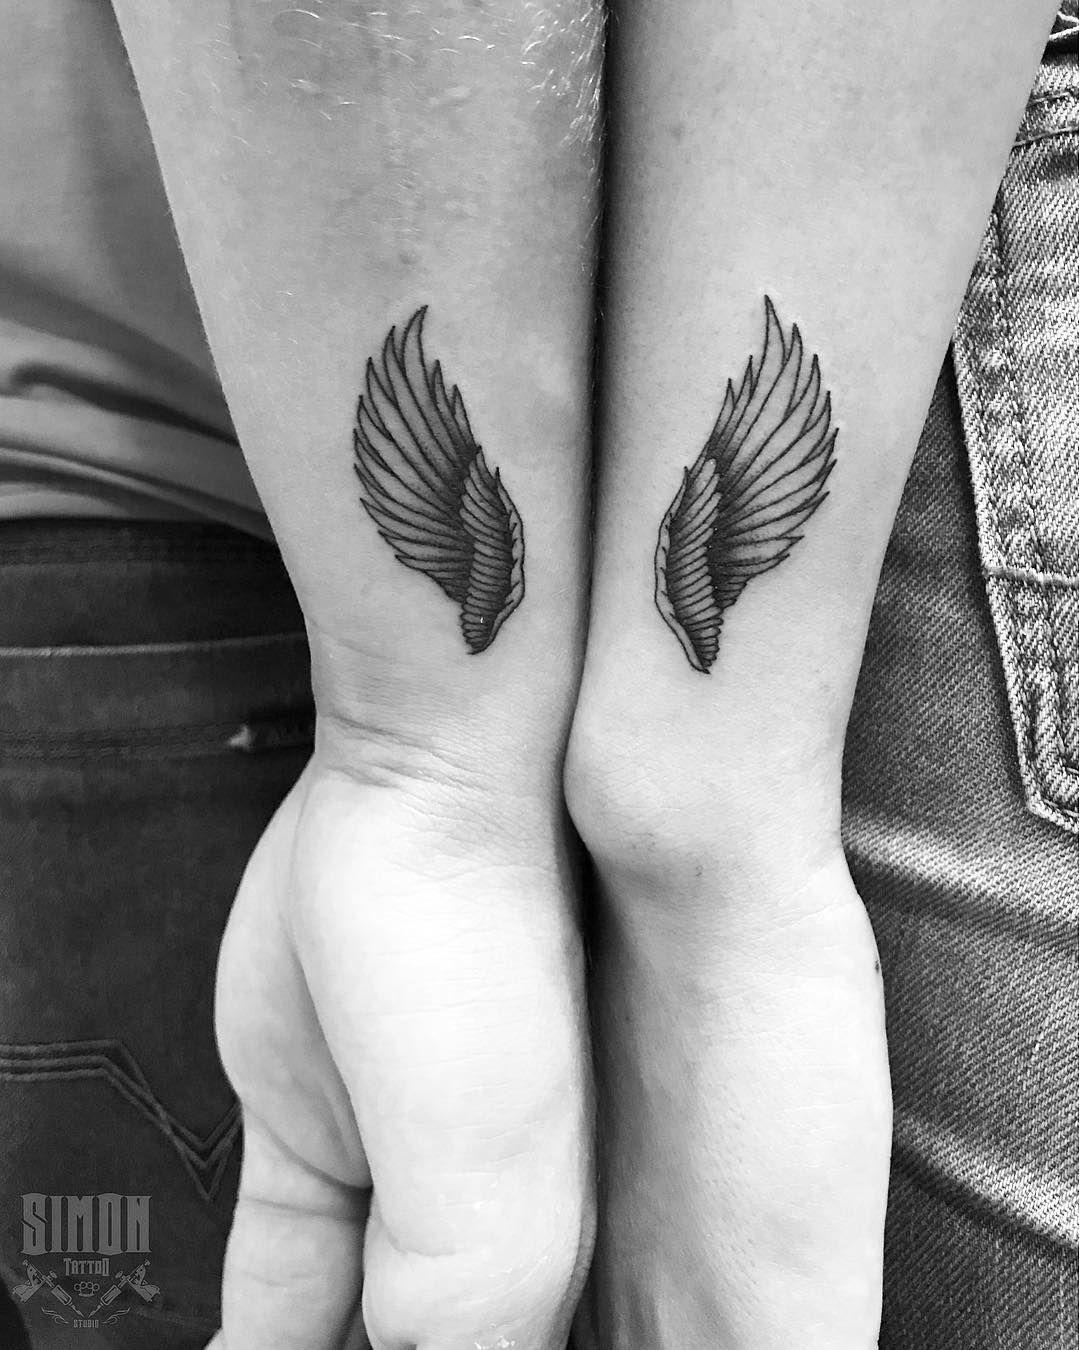 Tatuagem feita por marcelo simon de santa catarina asas de anjo